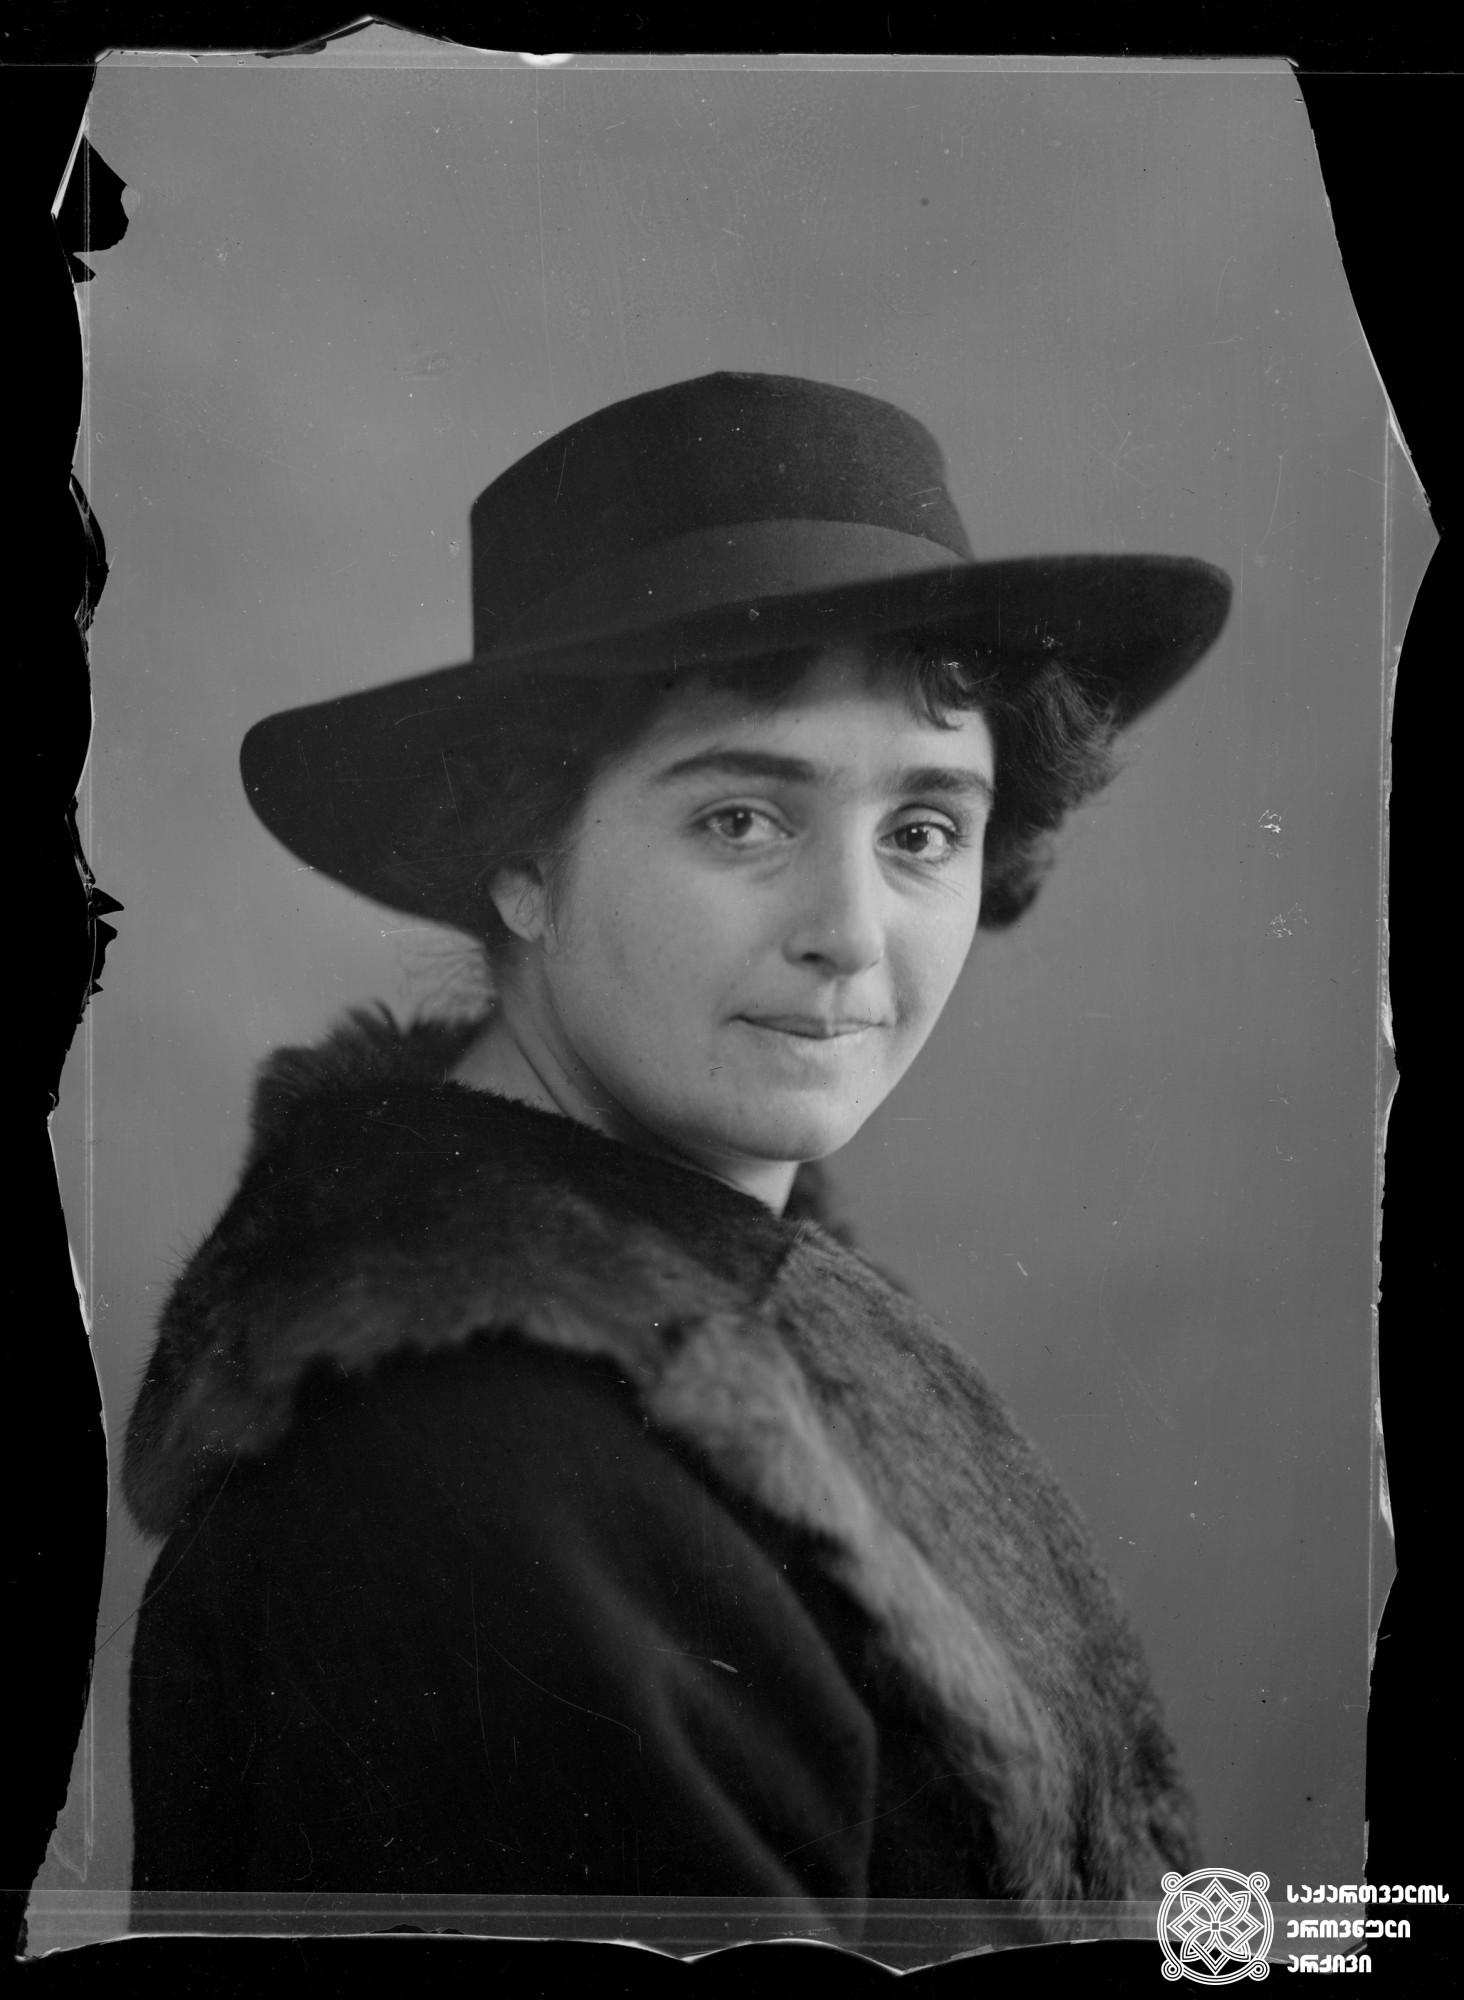 მსახიობი მარო მდივანი. 1908. <br> მინის ნეგატივი 10X14. <br> Actor Maro Mdivani. 1908. <br> Glass negative 10X14. <br>